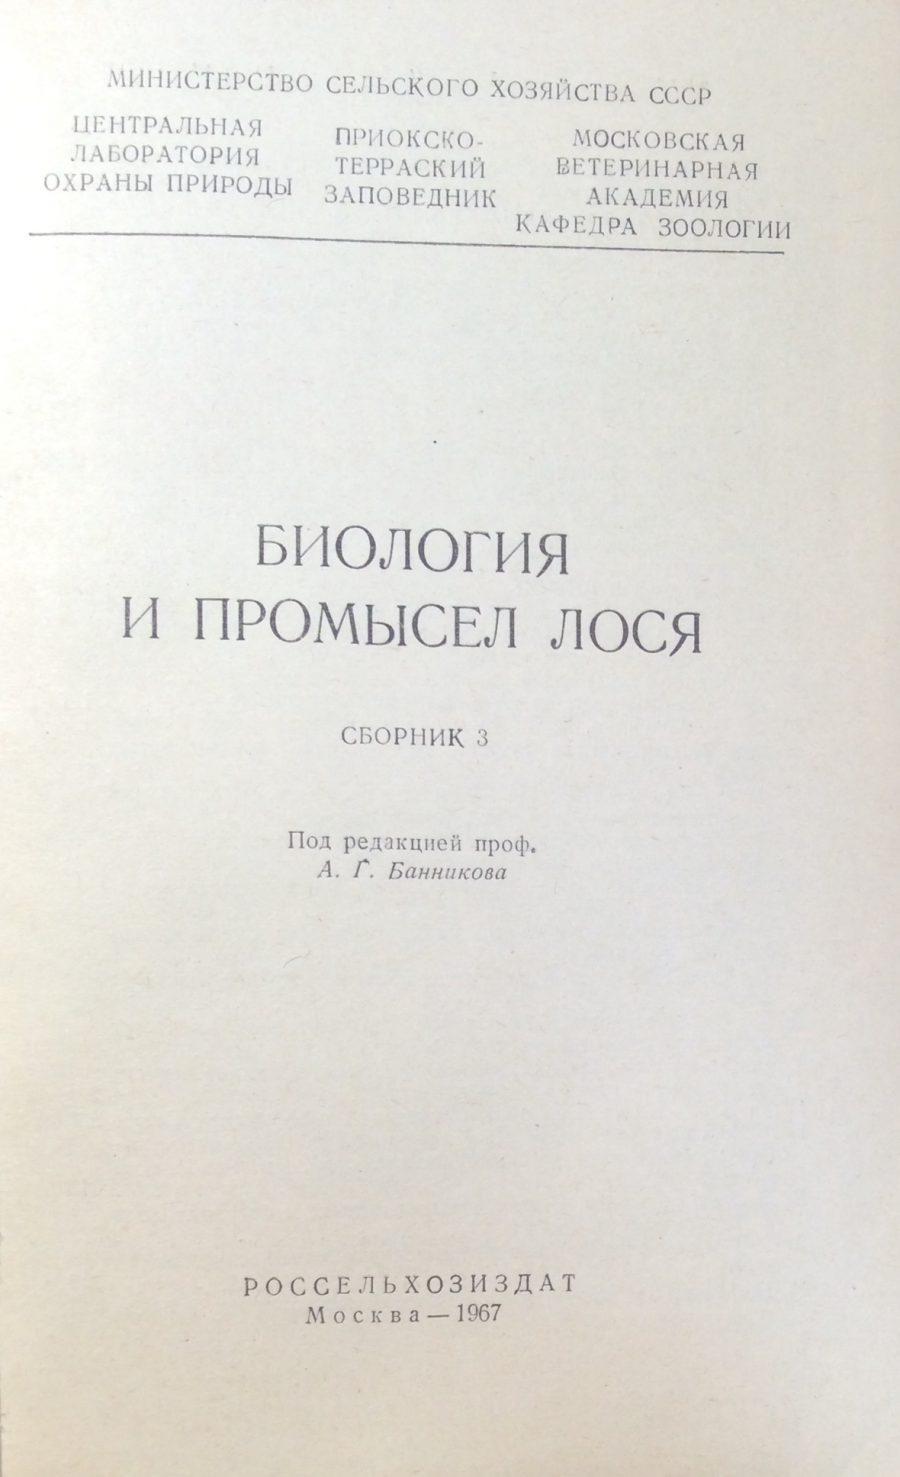 Биология и промысел лося. Сборник 3.